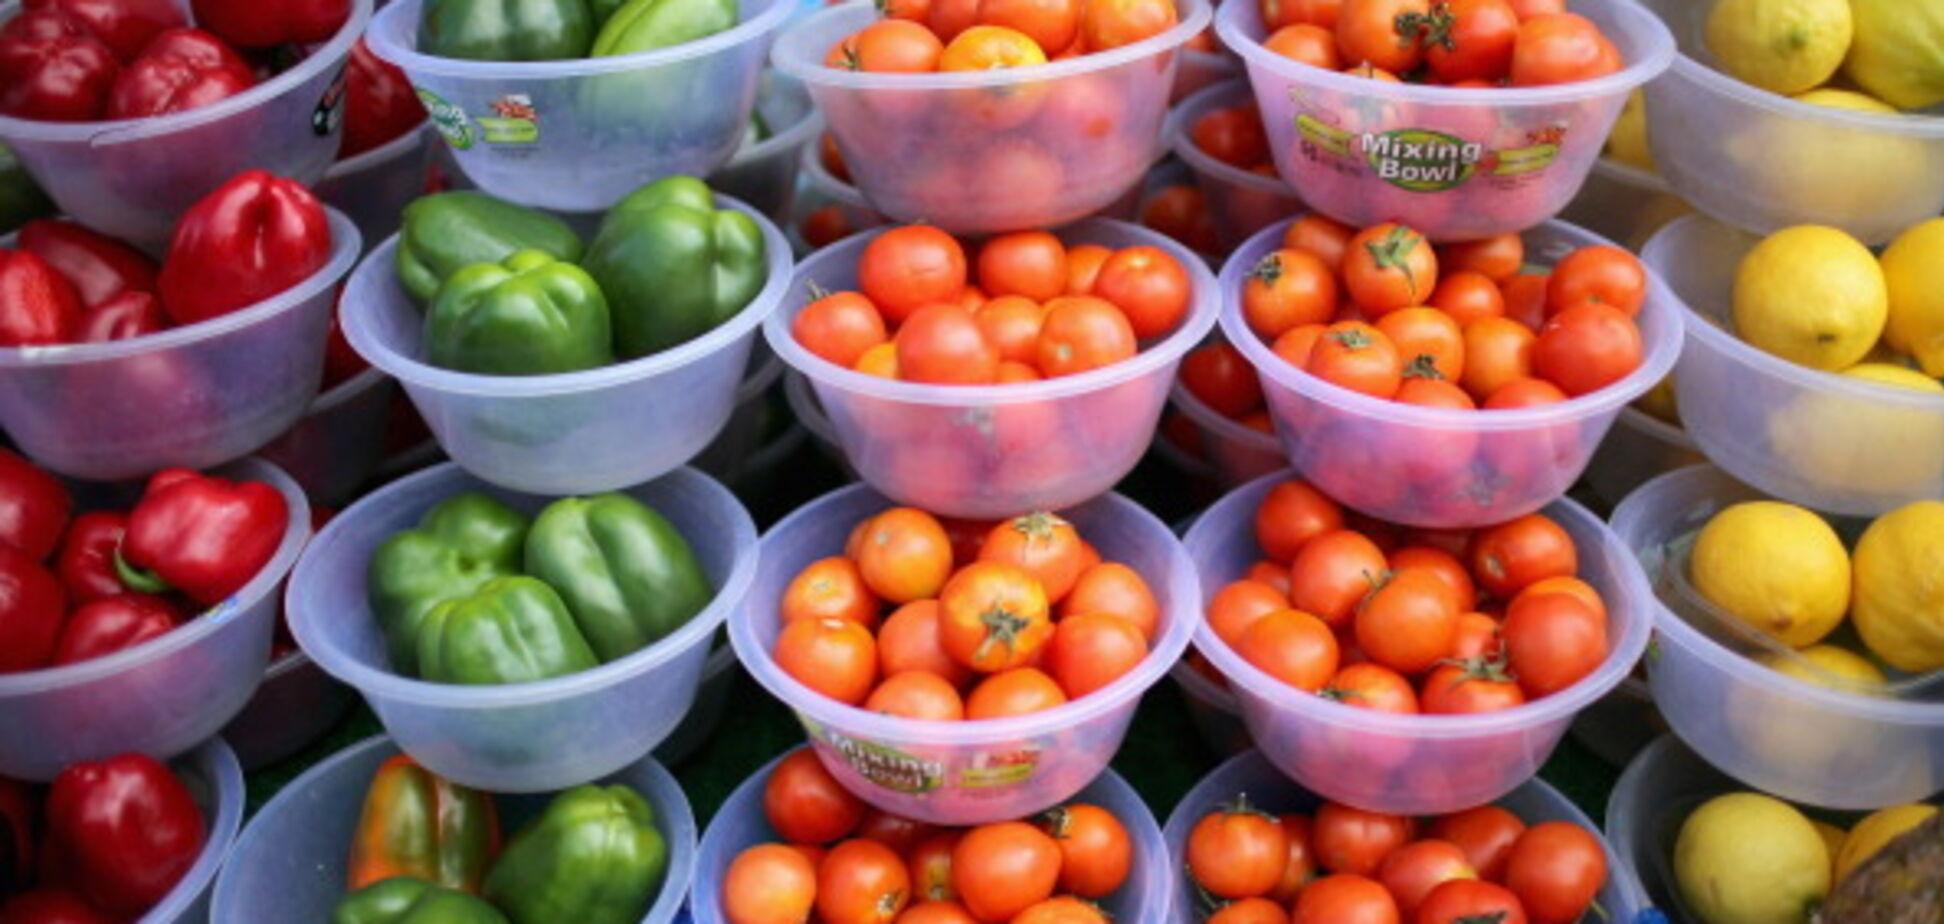 Рада прийняла закон про маркування продуктів: розкрито деталі ініціативи